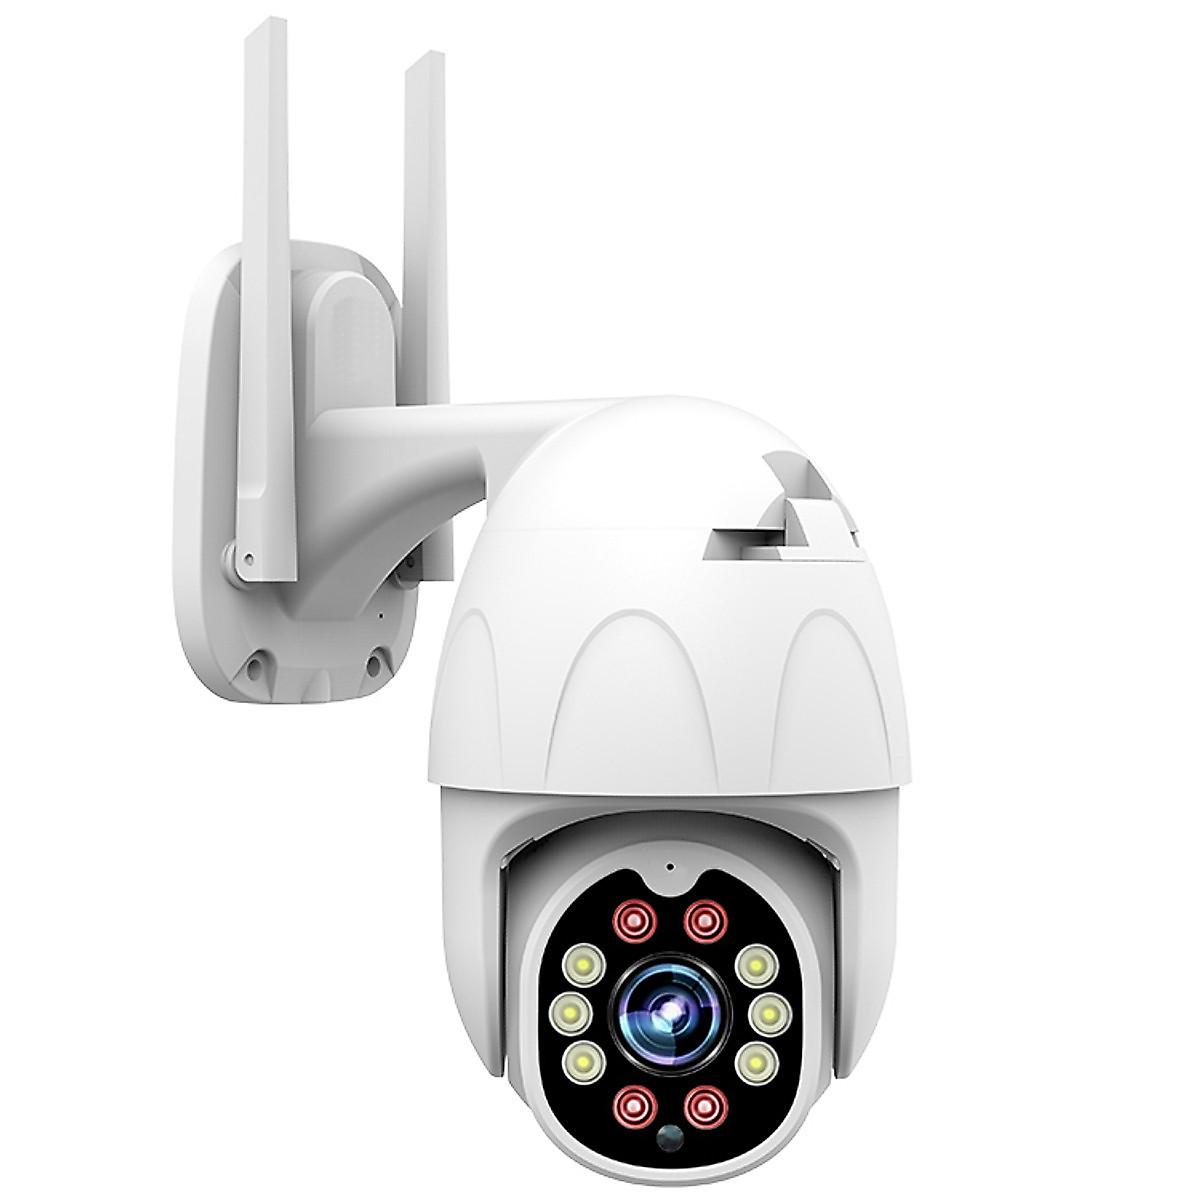 Camera IP Wifi ngoài trời Yoosee PTZ 10 Led Full HD 1080P, đàm thoại 2 chiều, xoay 360 độ - Phiên bản 2020 -  Hàng Nhập Khẩu